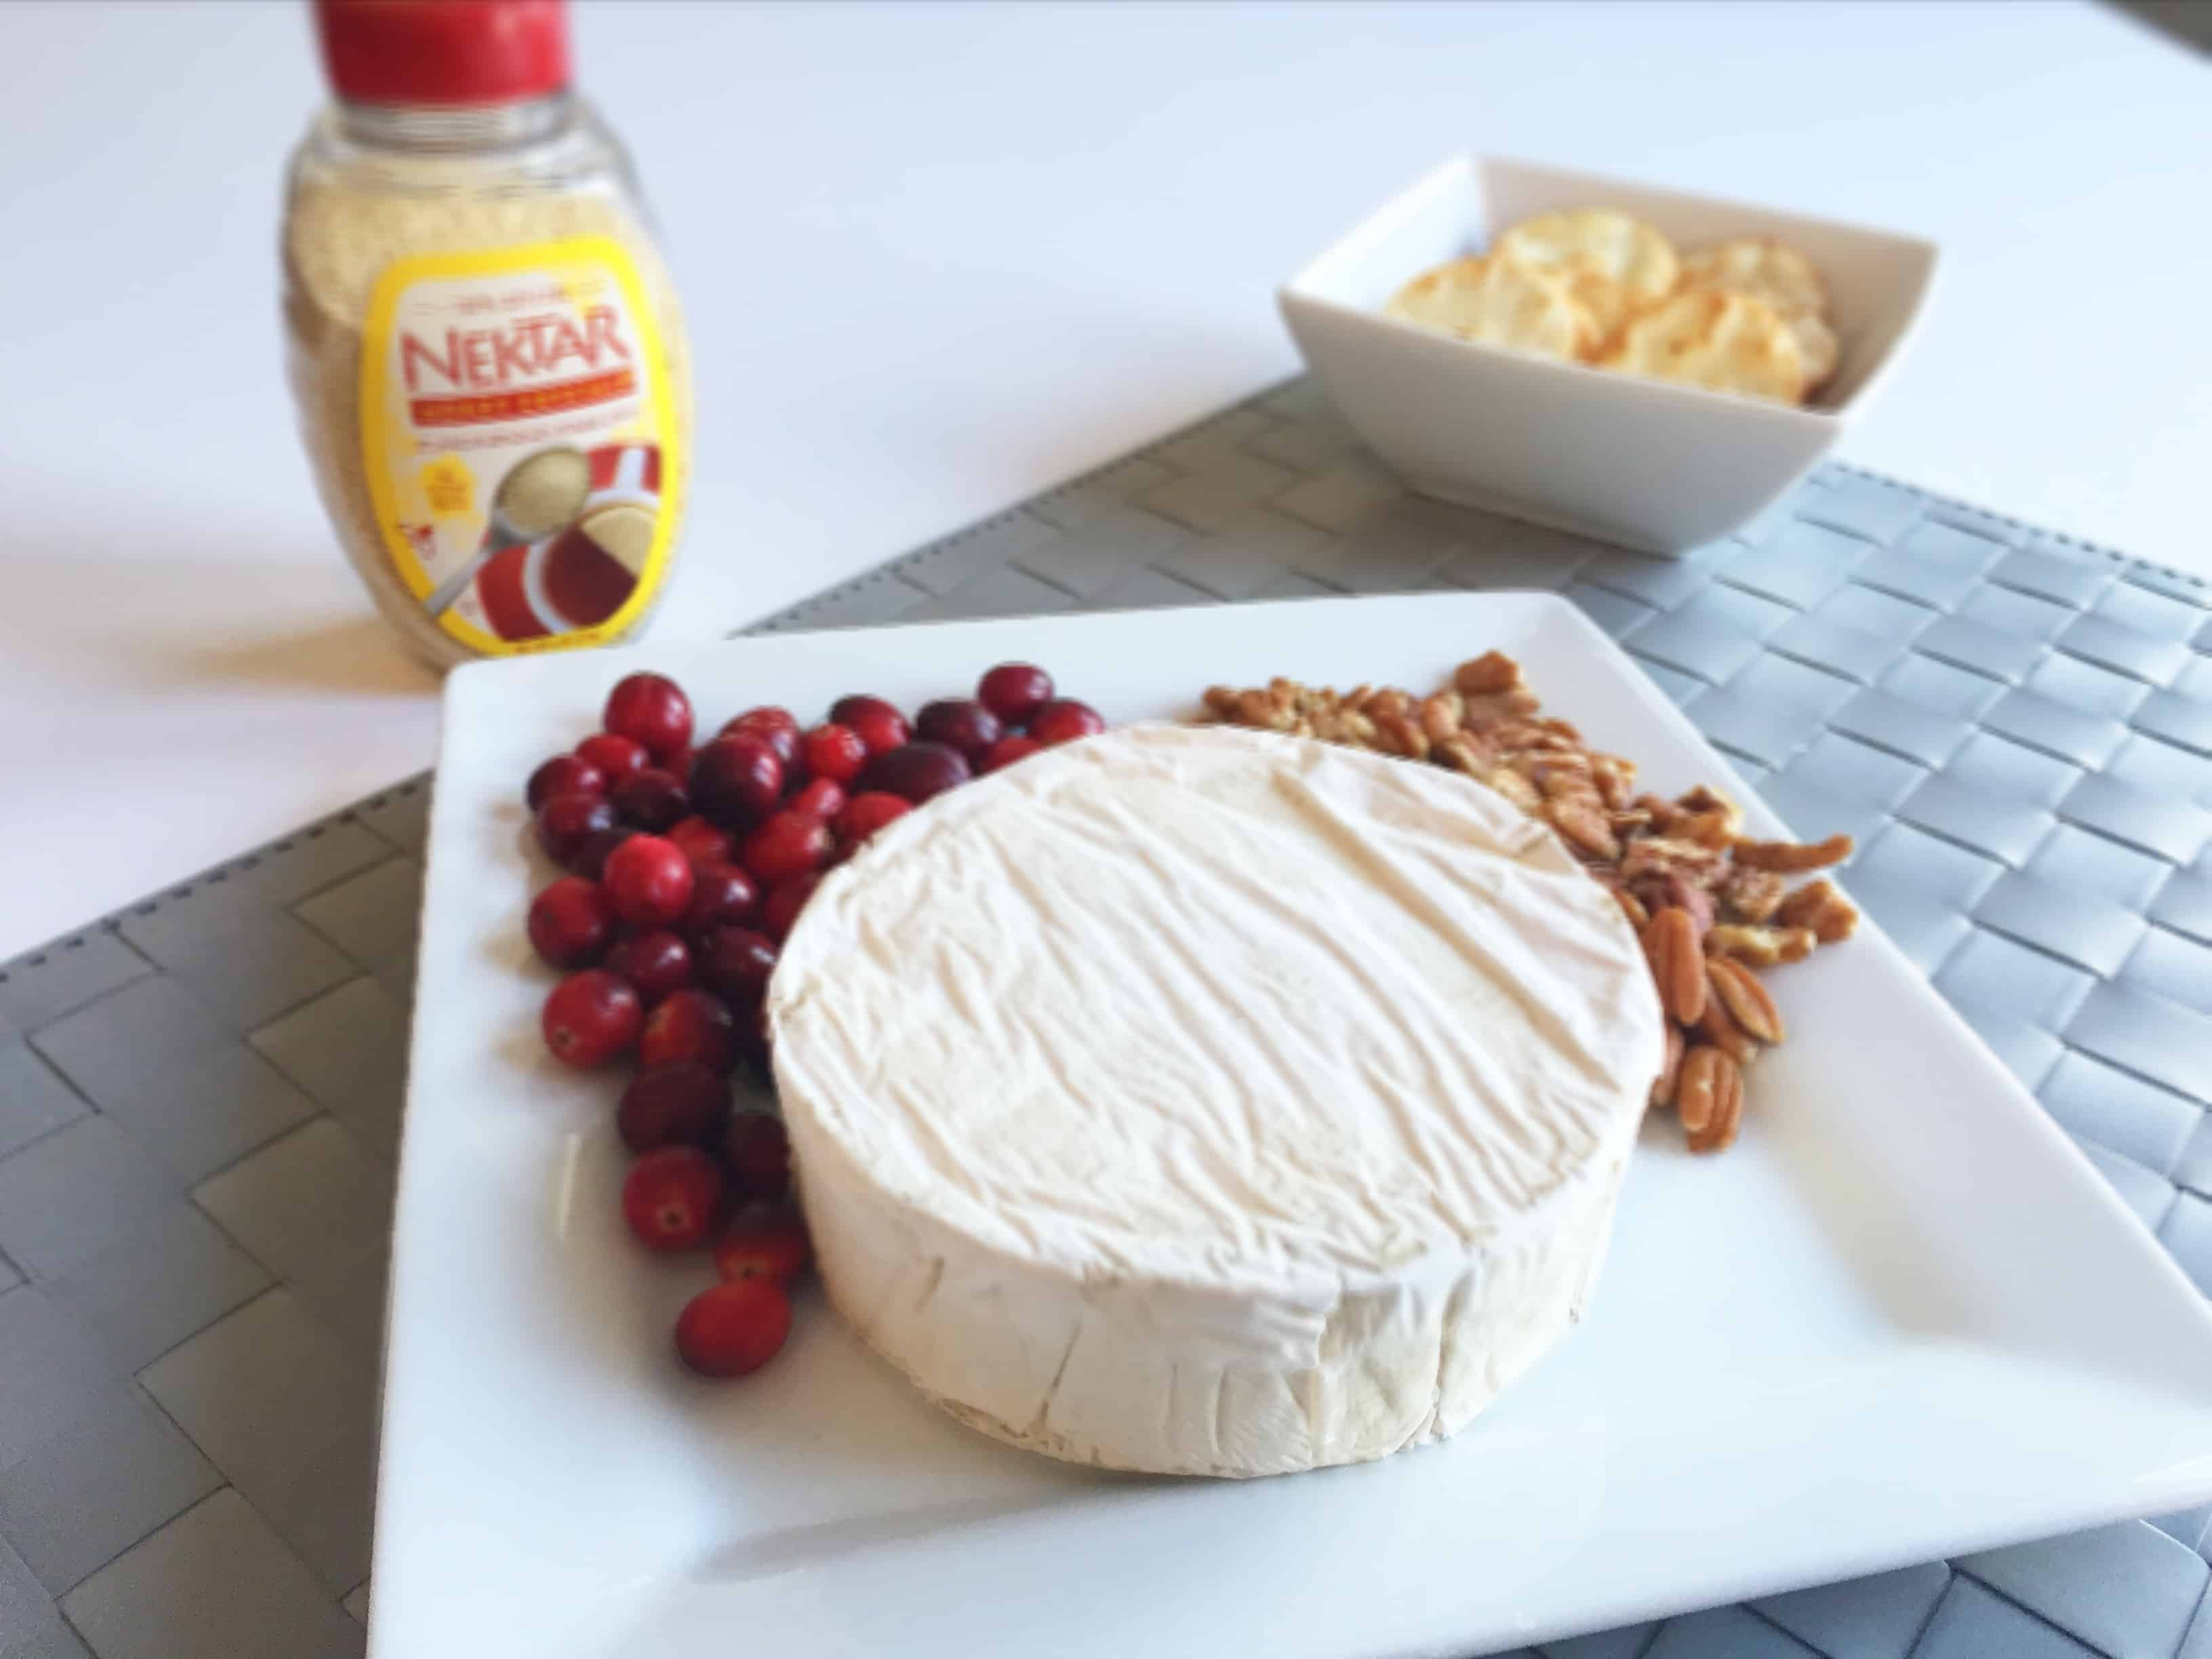 Baked Brie ingredients